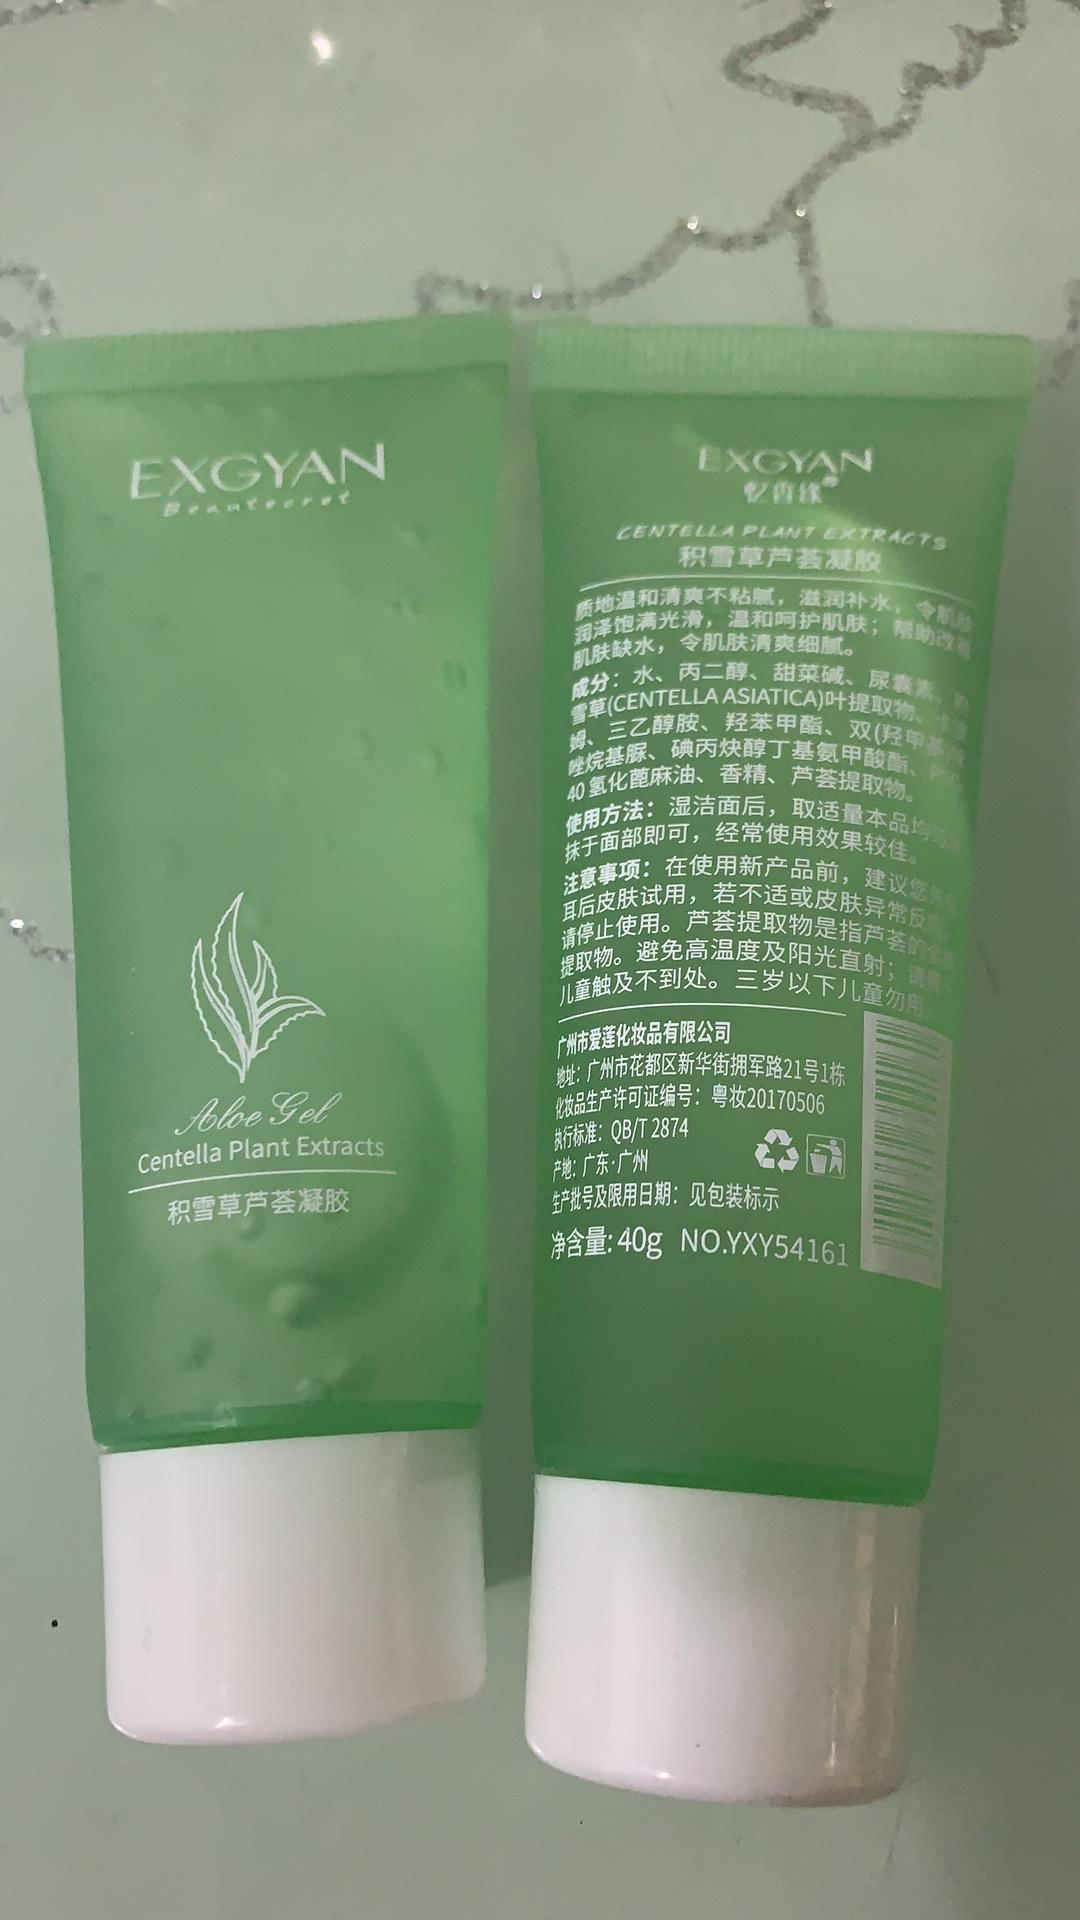 韩国积雪草纯芦荟胶祛痘淡印补水保湿